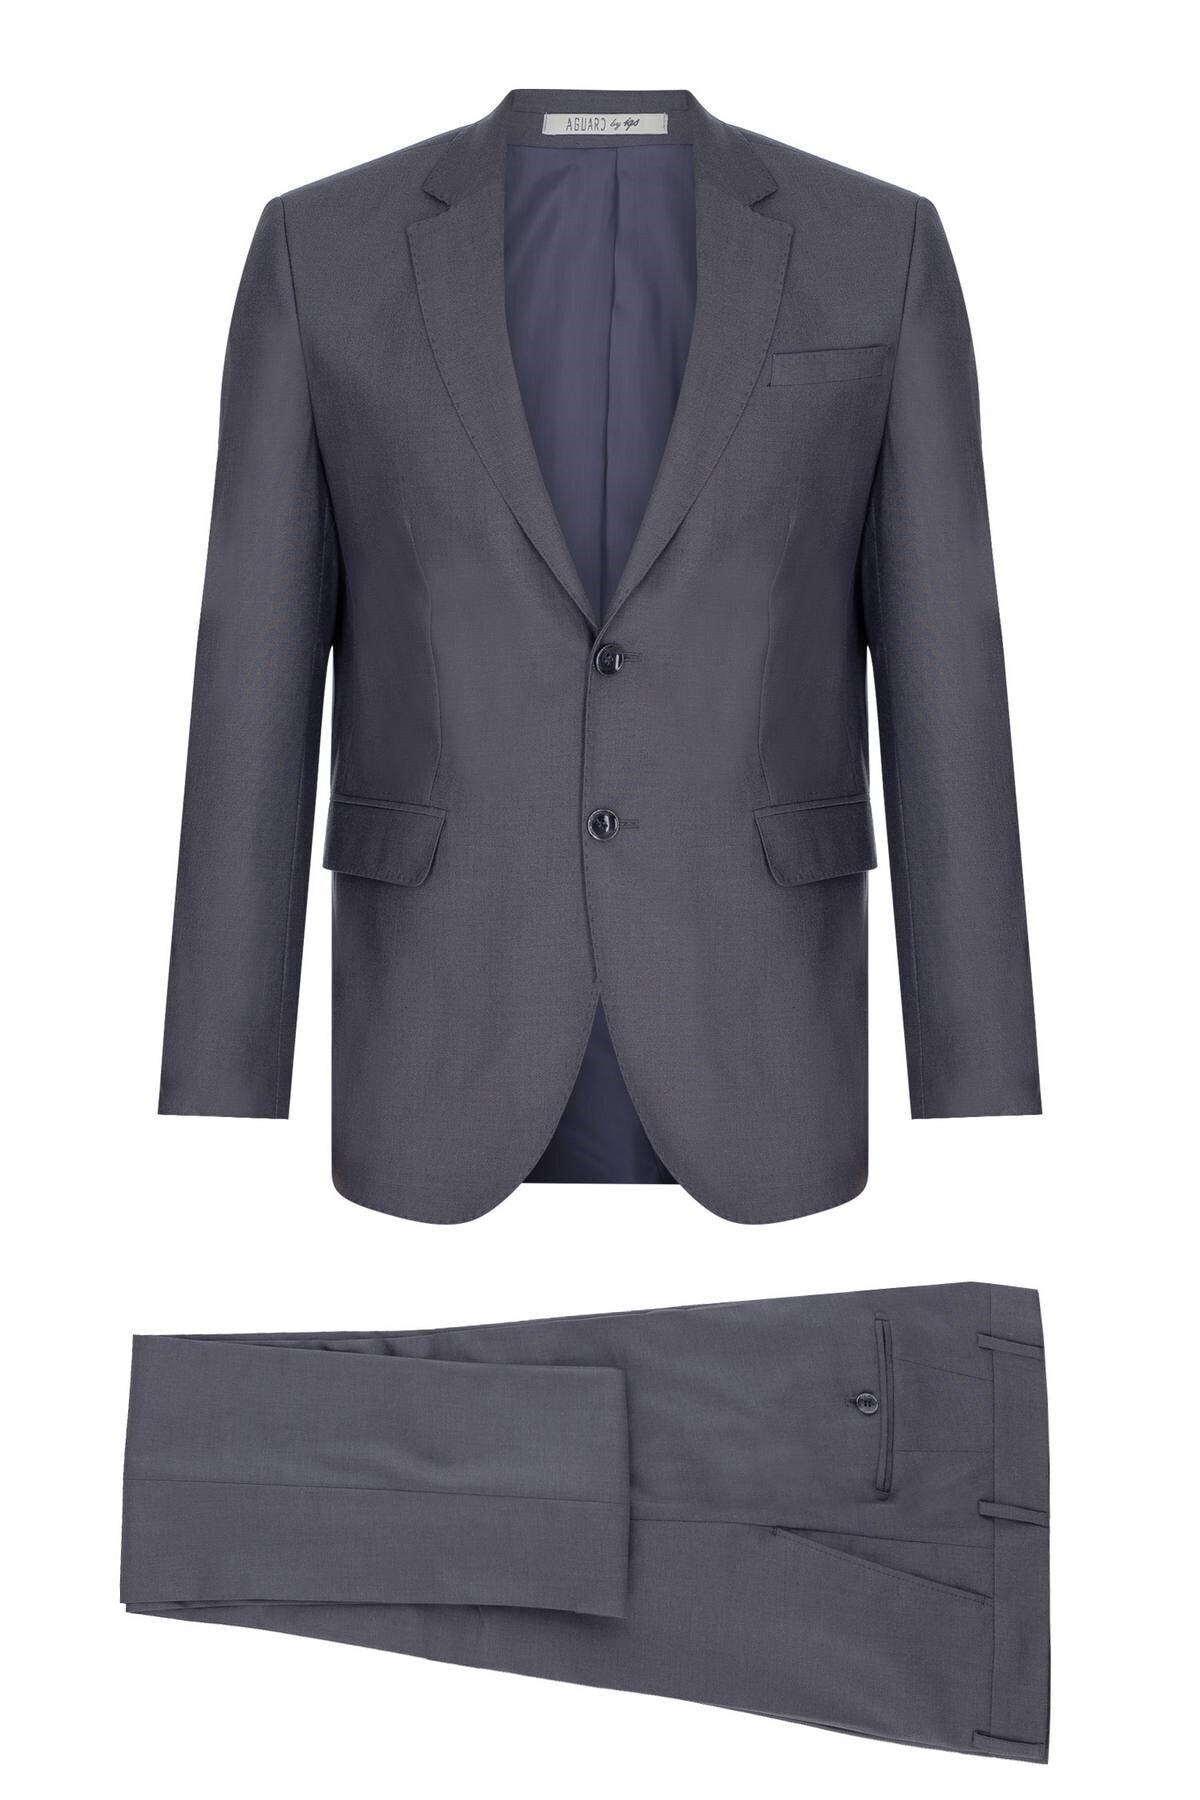 İgs Erkek Duman Barı / Geniş Kalıp Std Takım Elbise 1